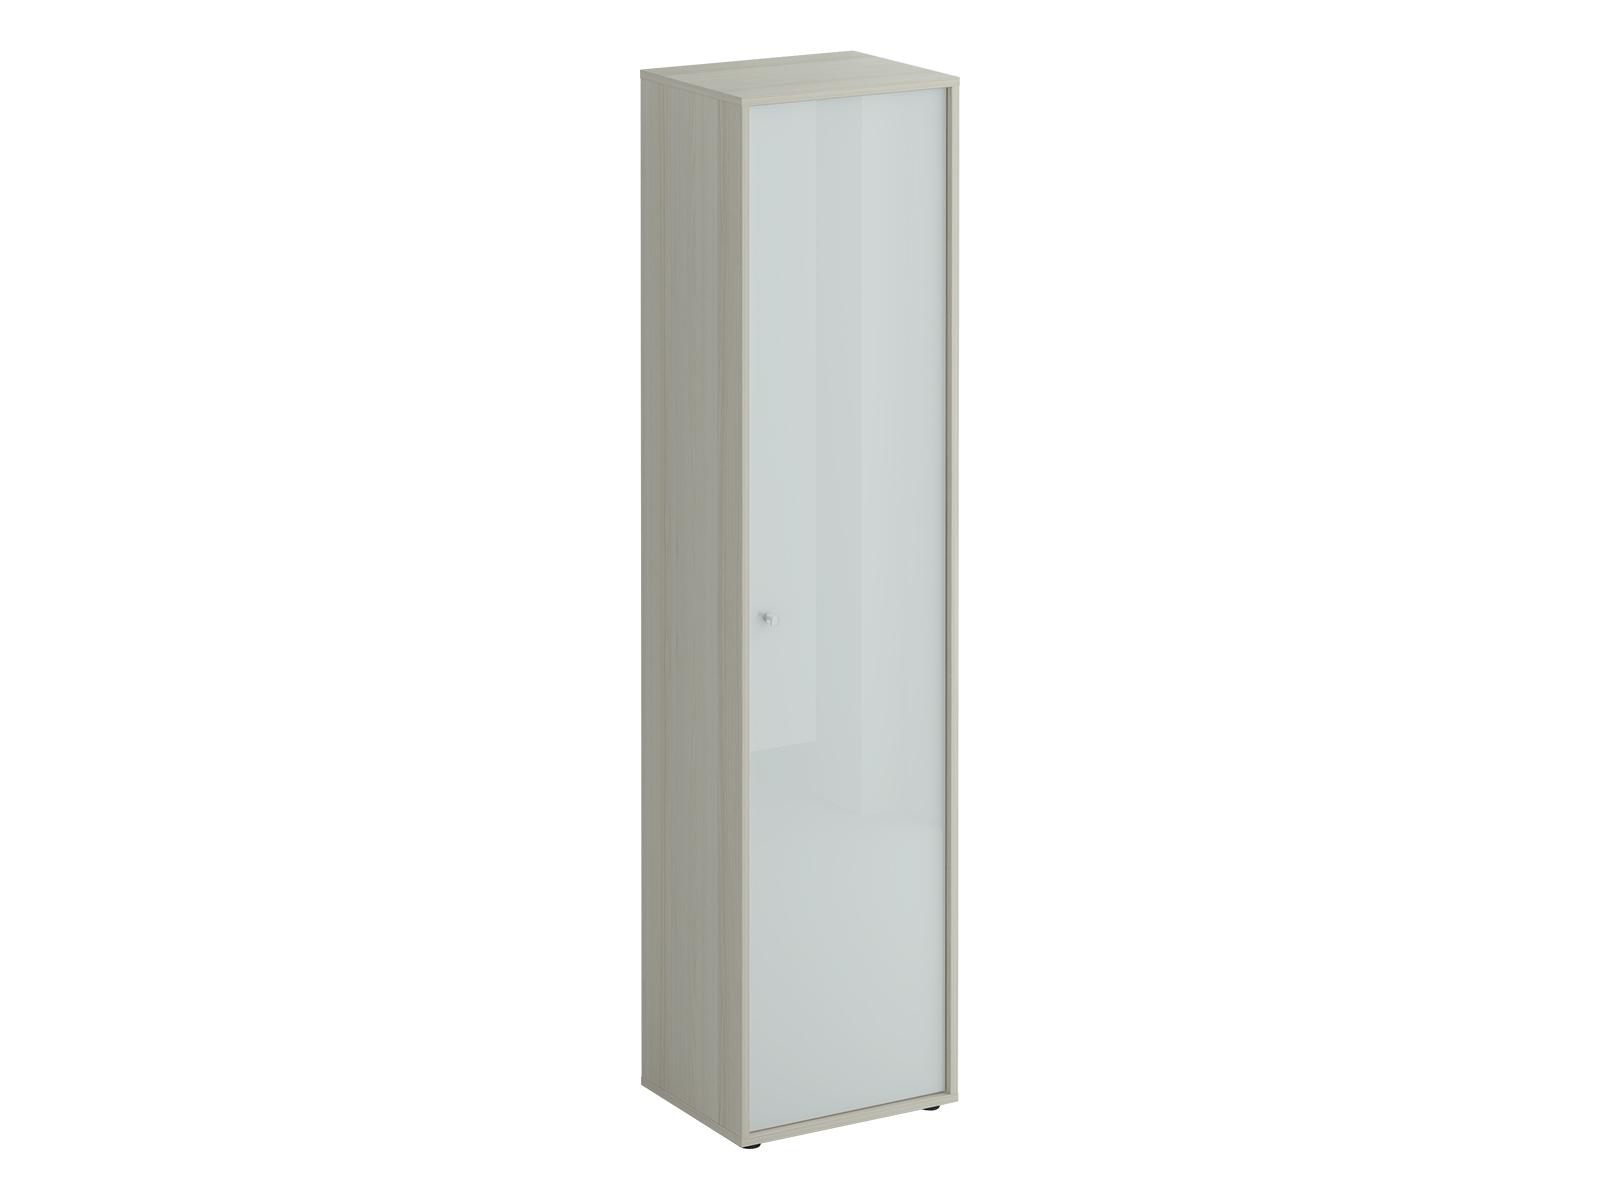 Шкаф однодверный LatteБельевые шкафы<br>Шкаф однодверный. Наполнение шкафа - 5 полок. Шкаф крепится к стене.&amp;lt;div&amp;gt;&amp;lt;br&amp;gt;&amp;lt;/div&amp;gt;&amp;lt;div&amp;gt;&amp;lt;span style=&amp;quot;line-height: 24.9999px;&amp;quot;&amp;gt;Ручки в комплект не входят&amp;lt;/span&amp;gt;&amp;lt;br&amp;gt;&amp;lt;/div&amp;gt;<br><br>Material: ДСП<br>Ширина см: 46<br>Высота см: 191<br>Глубина см: 37